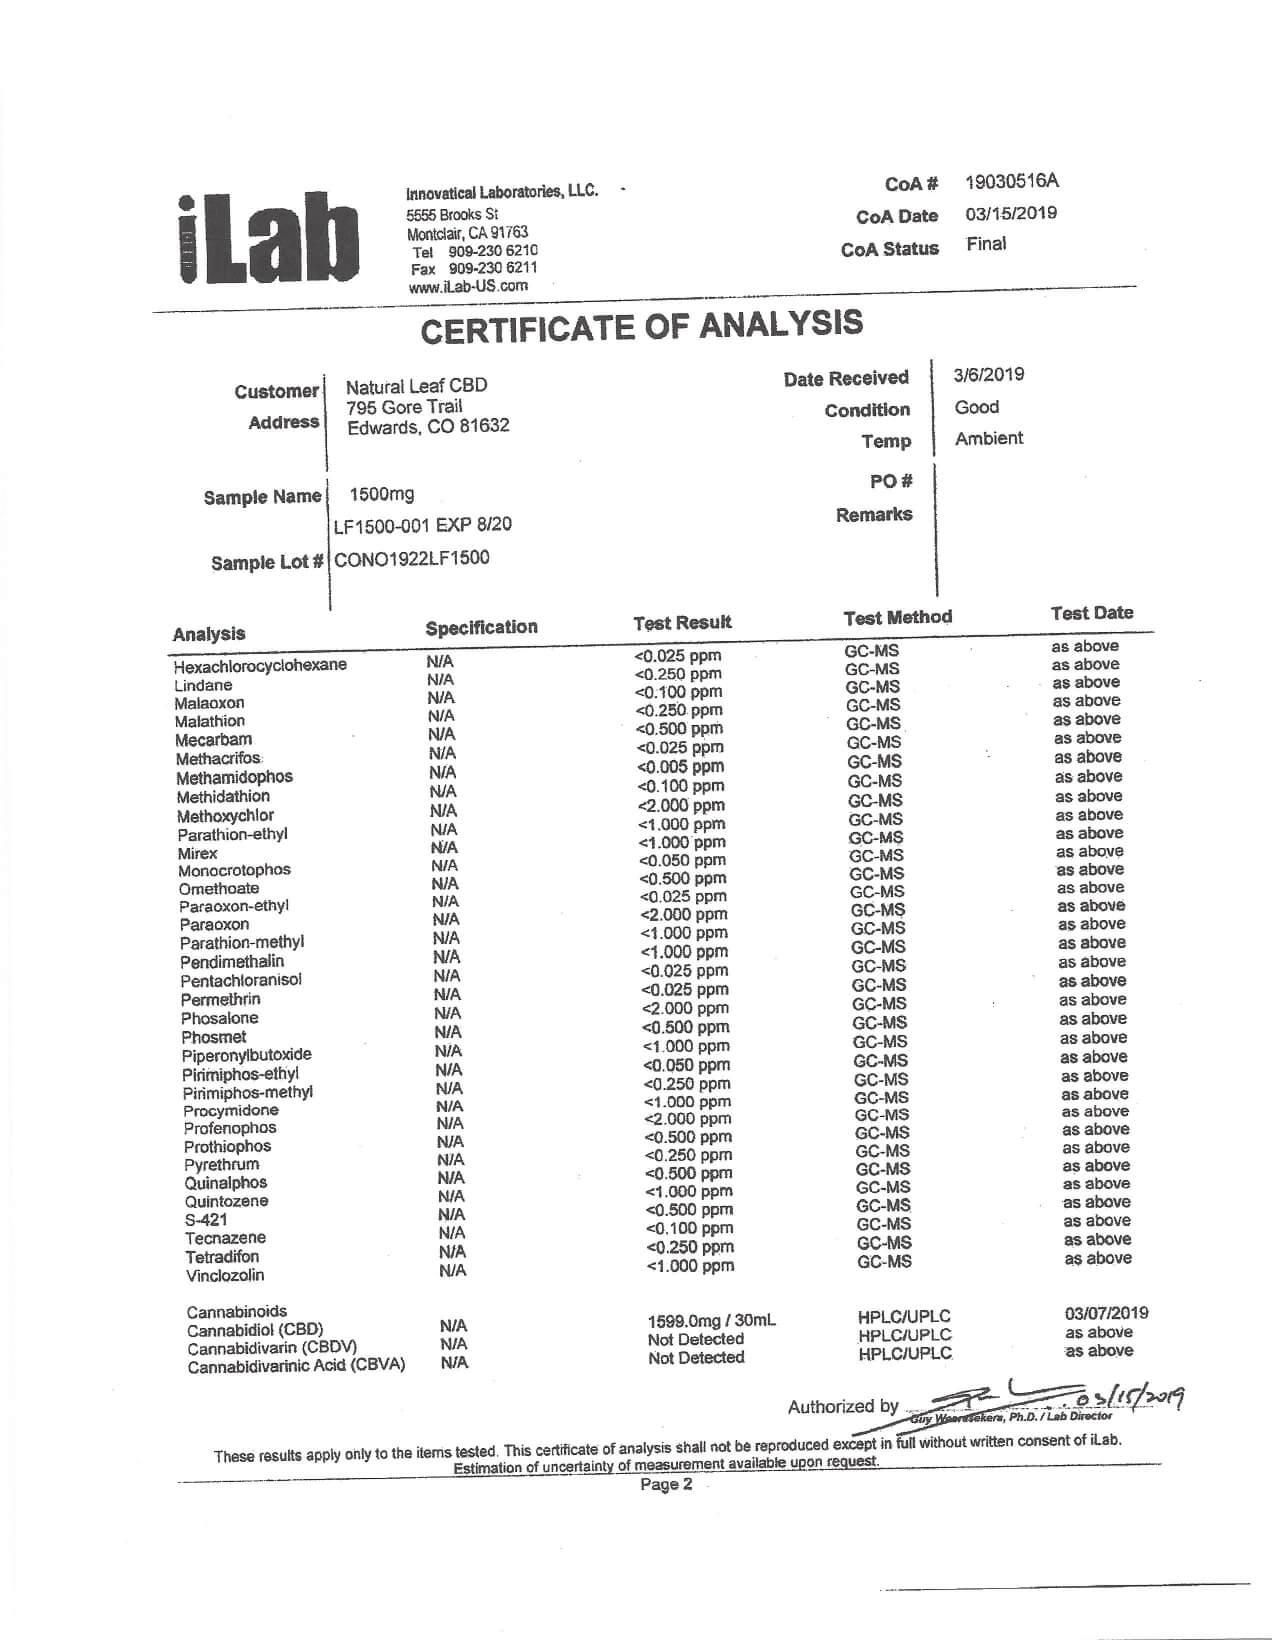 Natural Leaf CBD Soft Gels Lab Report